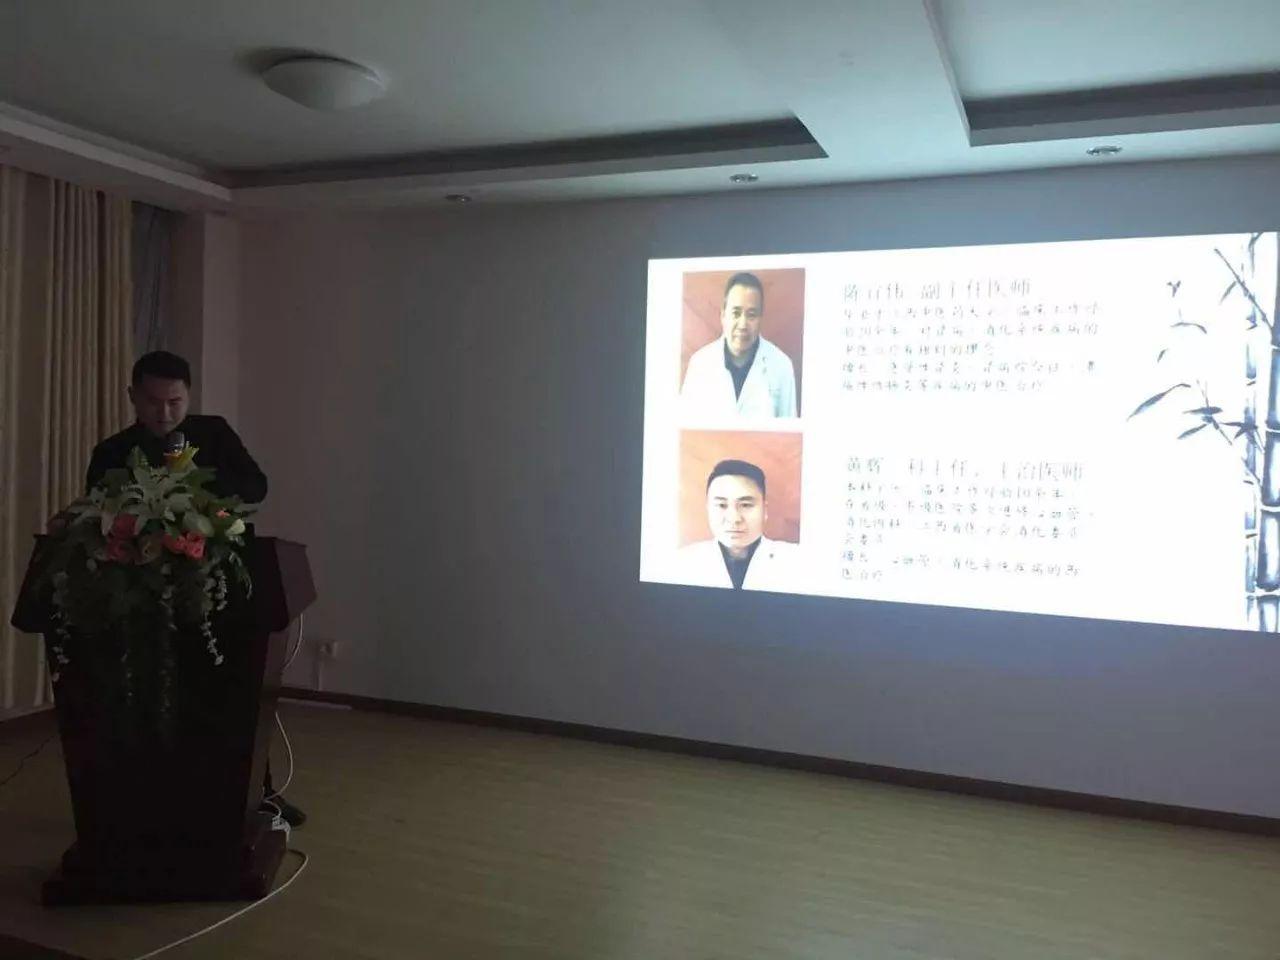 祖国医学传承千年,中医事业后继有人 县中医院 北院 科室风采PPT大赛纪实